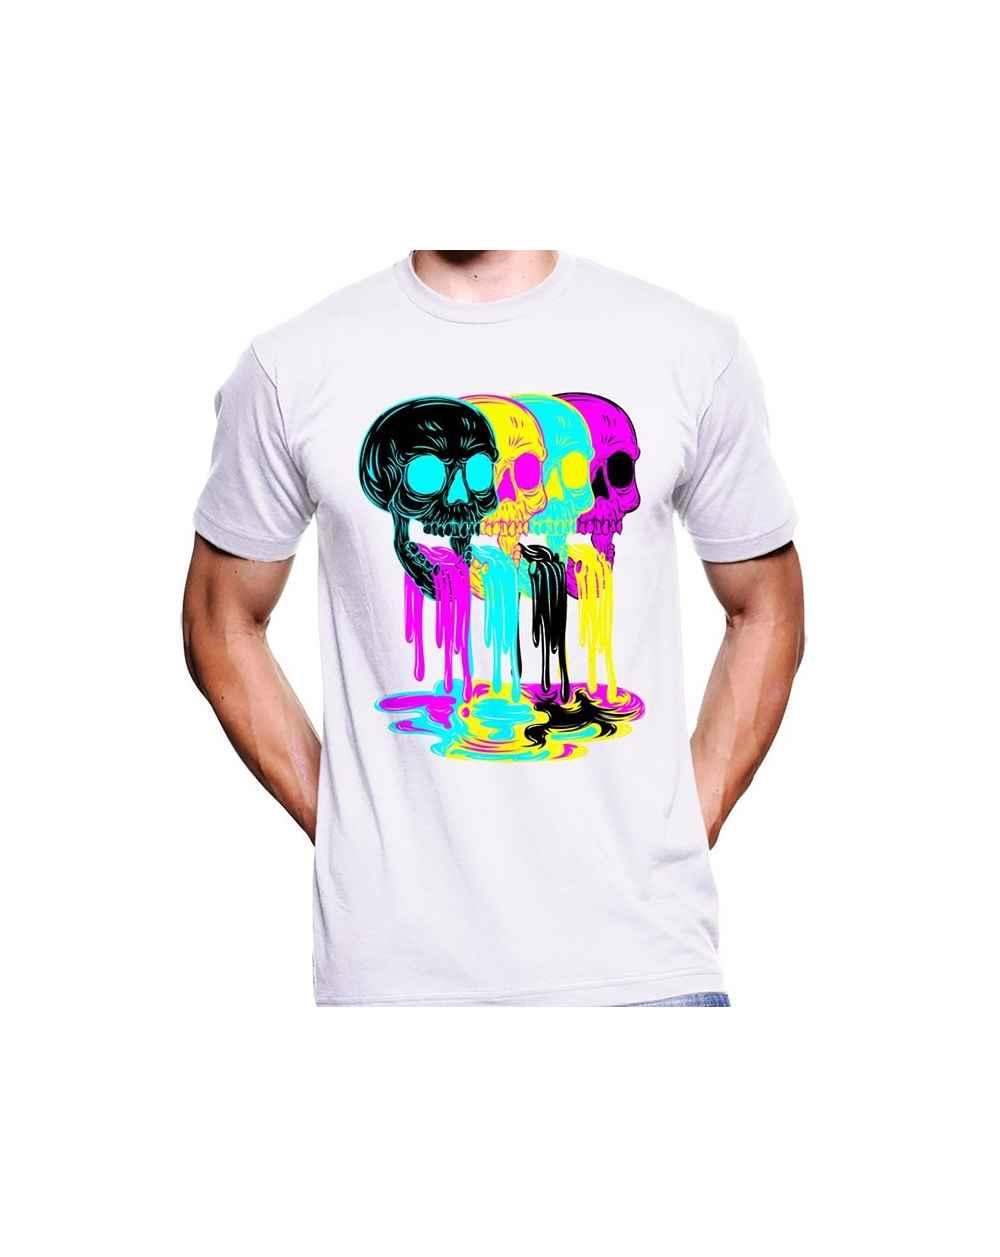 Camiseta estampada Hombre Color Skull